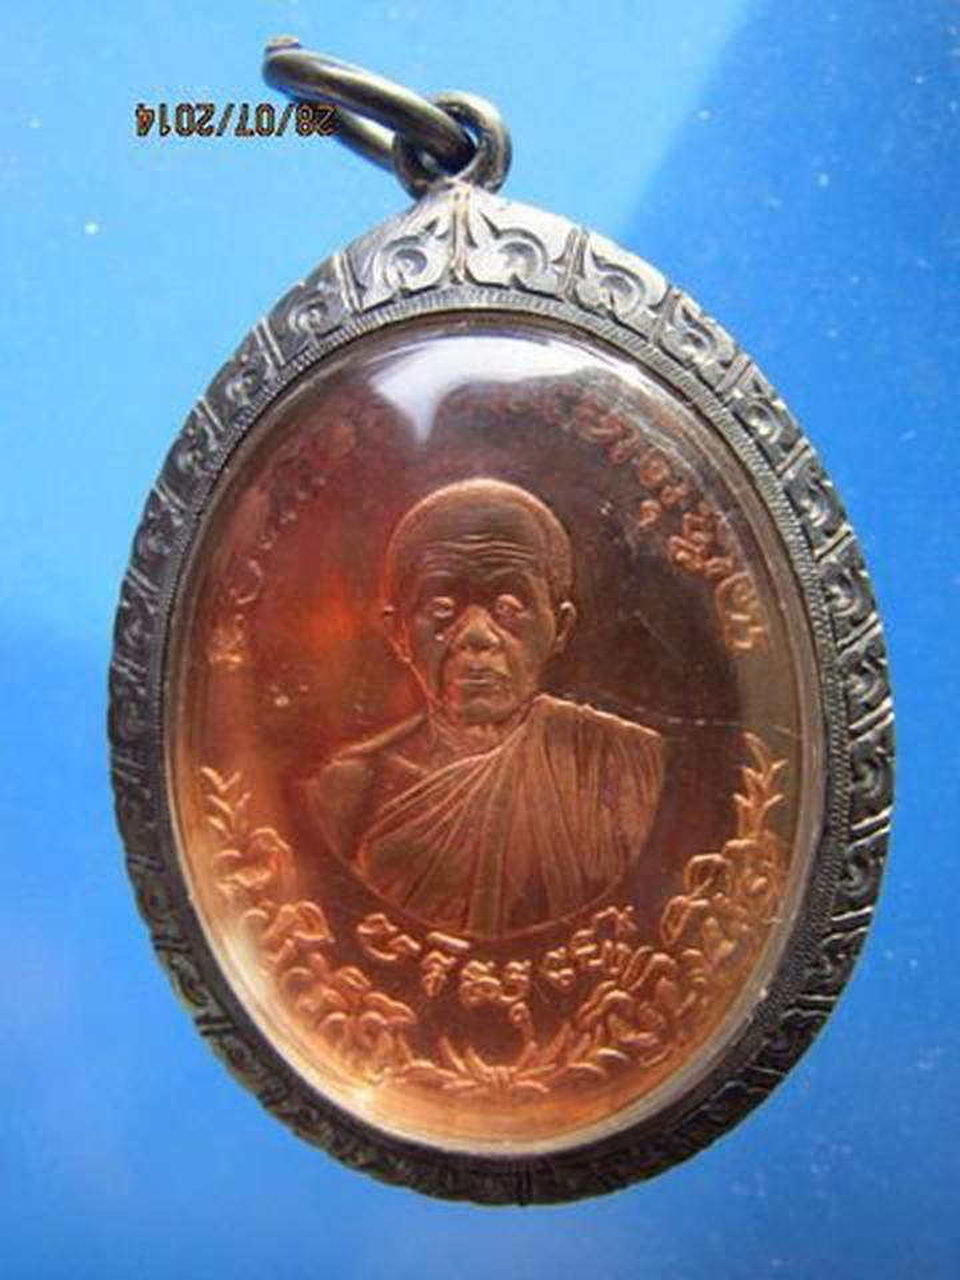 124 เหรียญหลวงพ่อคูณ รุ่นรัตนตรัย เนื้อทองแดง เลี่ยมเงินเก่า รูปที่ 2